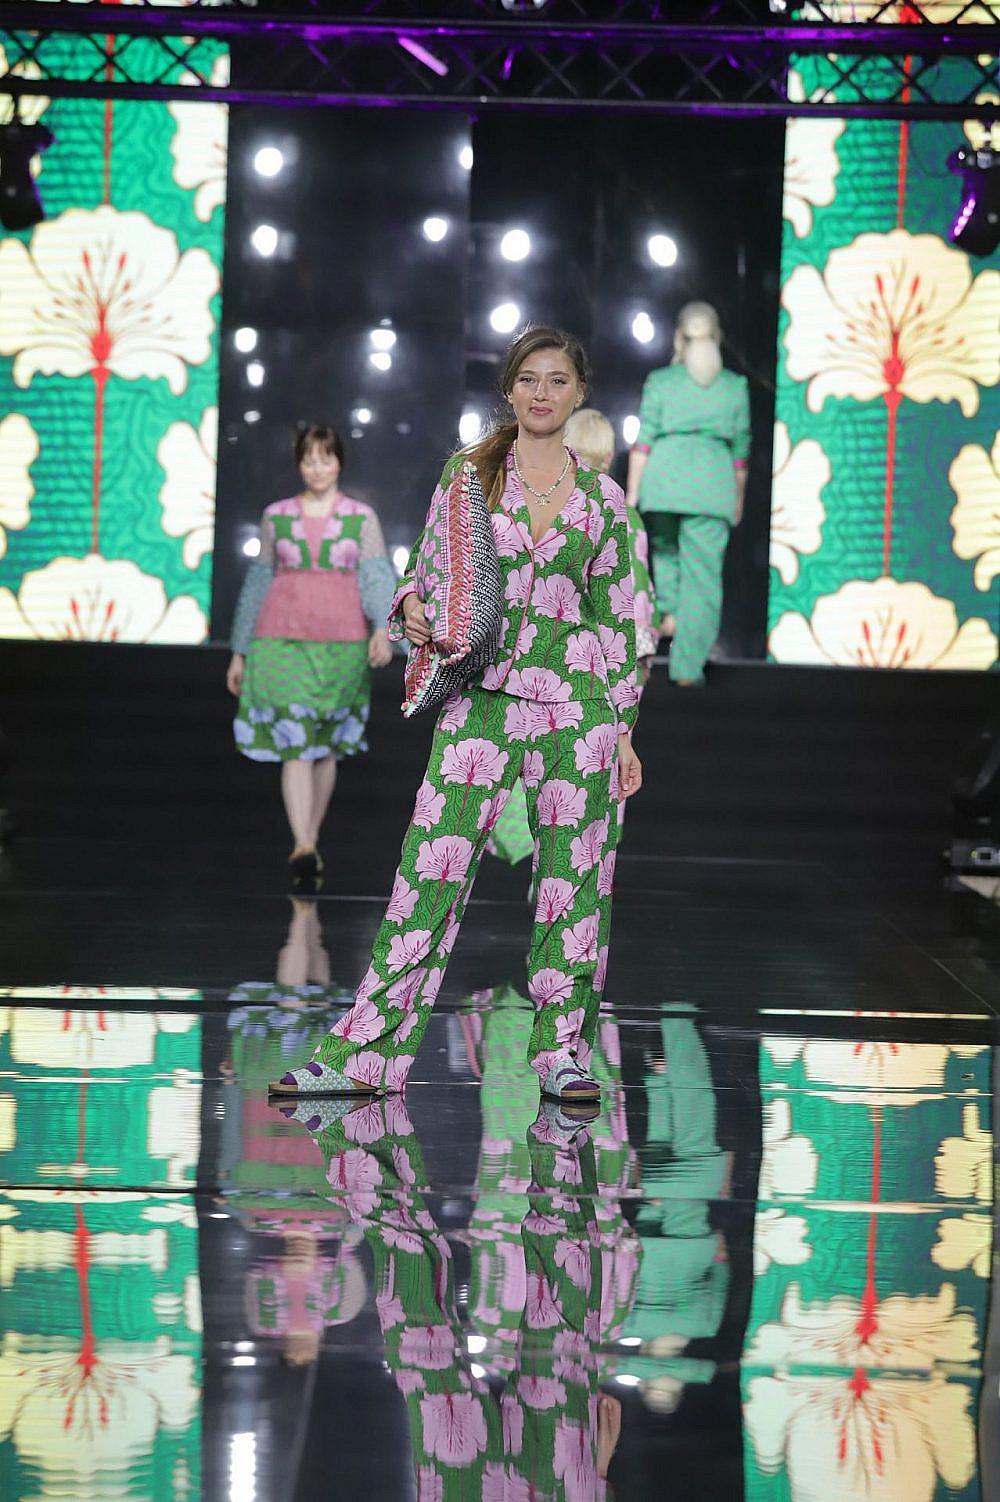 התצוגה של לארה רוסנובסקי בשבוע האופנה תל אביב קורנית 2021 | צילום: אבי ולדמן